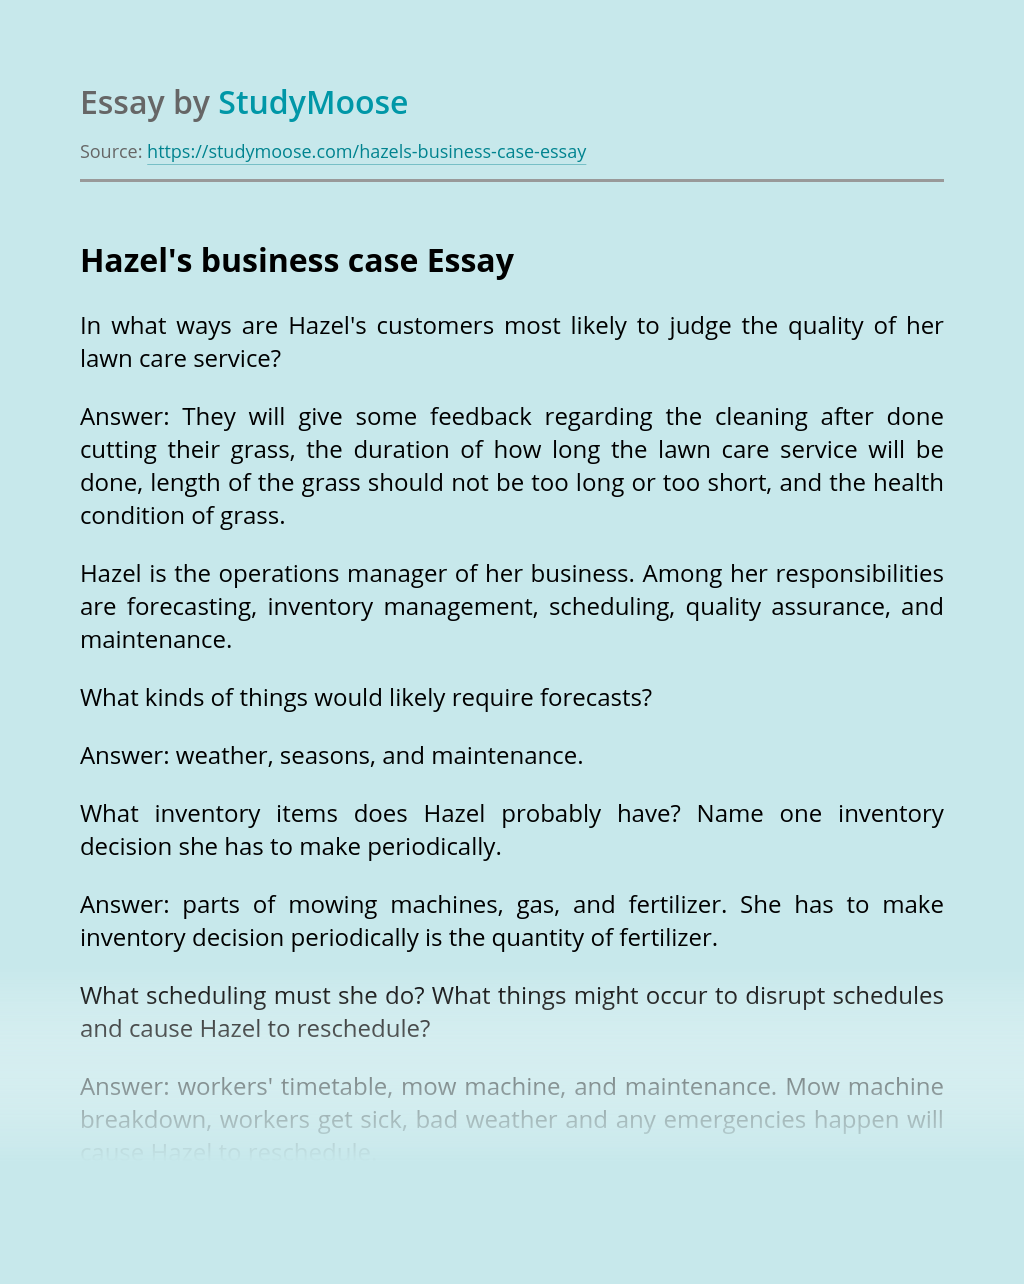 Hazel's business case